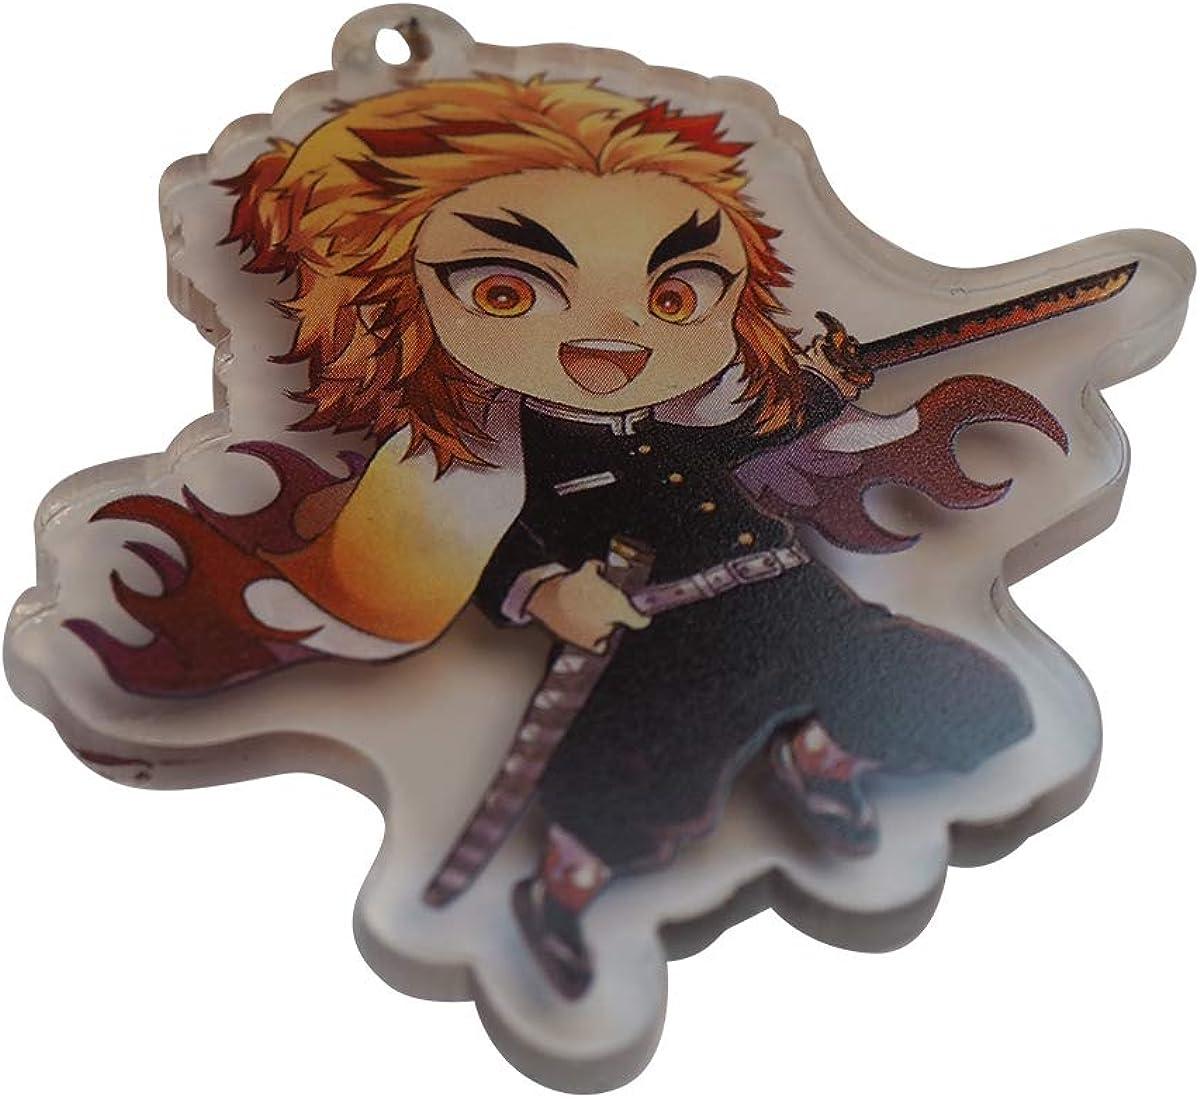 Anime Demon Slayer Keyring Rengoku Kyoujurou Acrylic Keychain